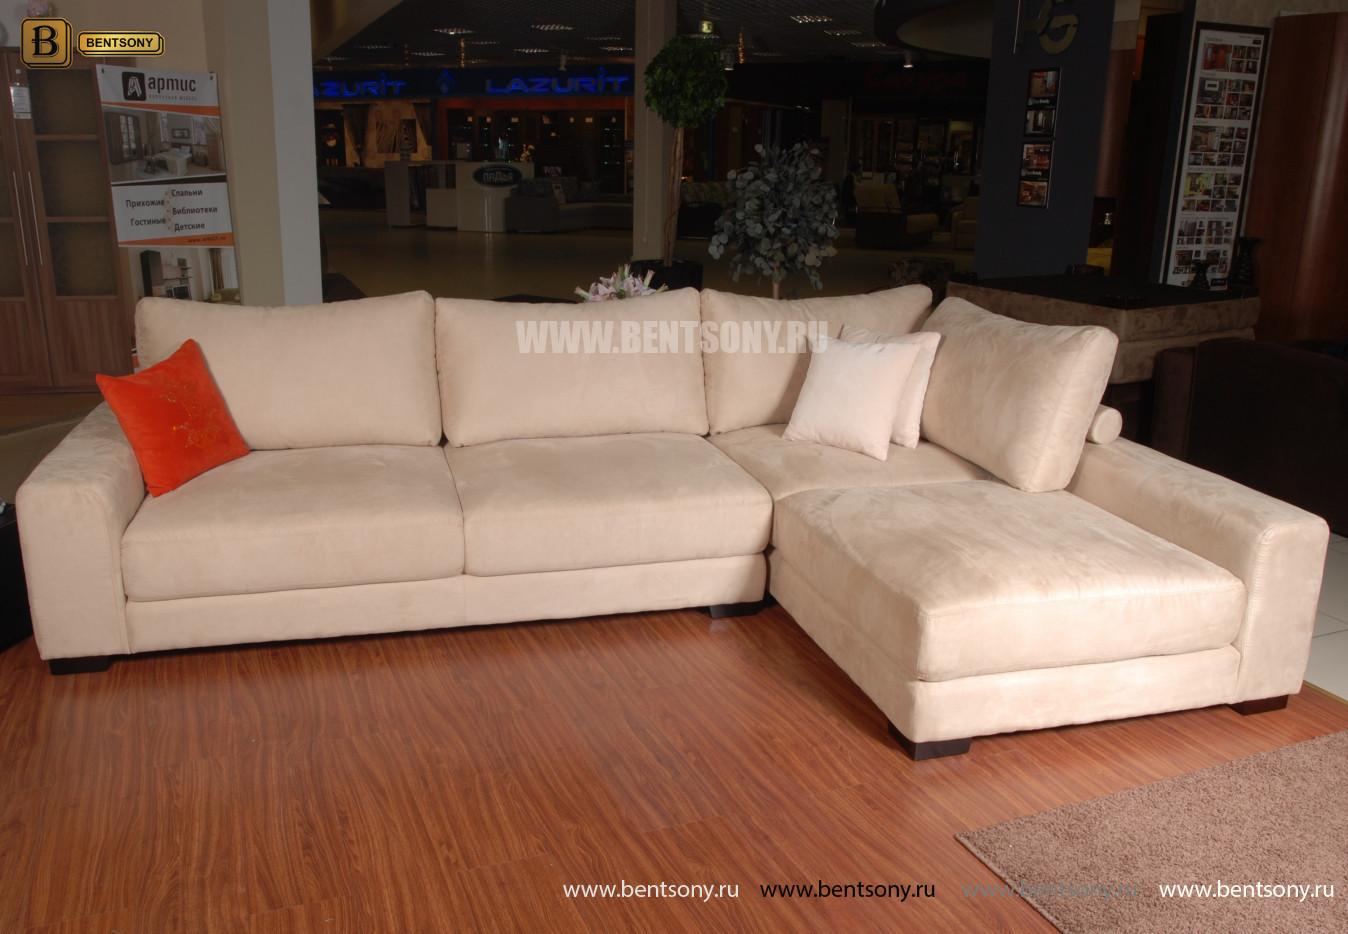 купить тканевый диван в москве